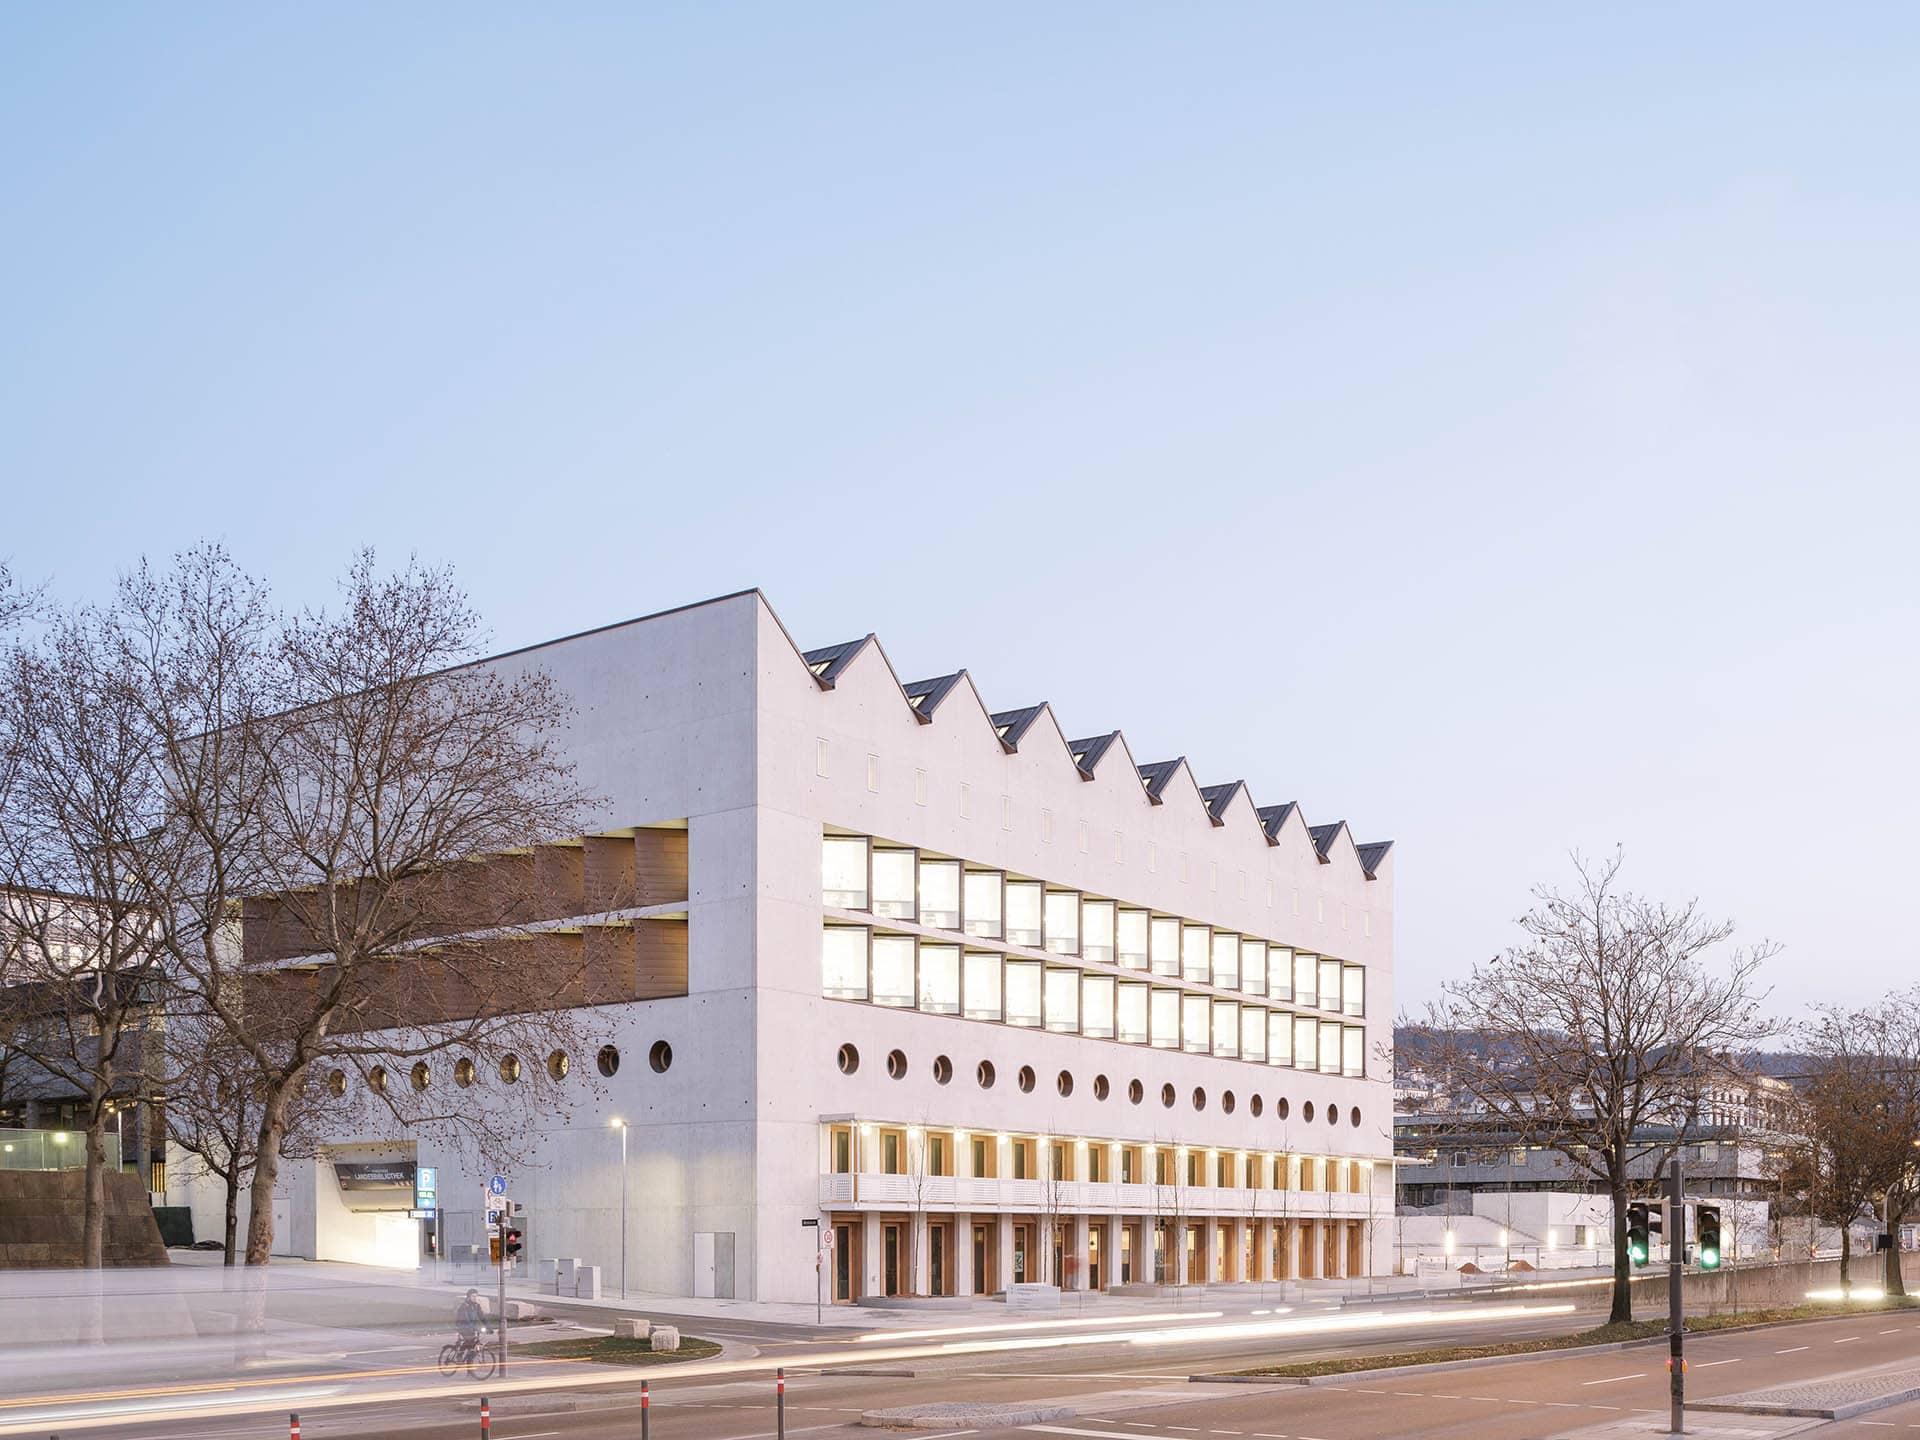 Architekturfotografie: Erweiterung der Landesbibliothek Stuttgart von LRO Lederer Ragnarsdóttir Oei